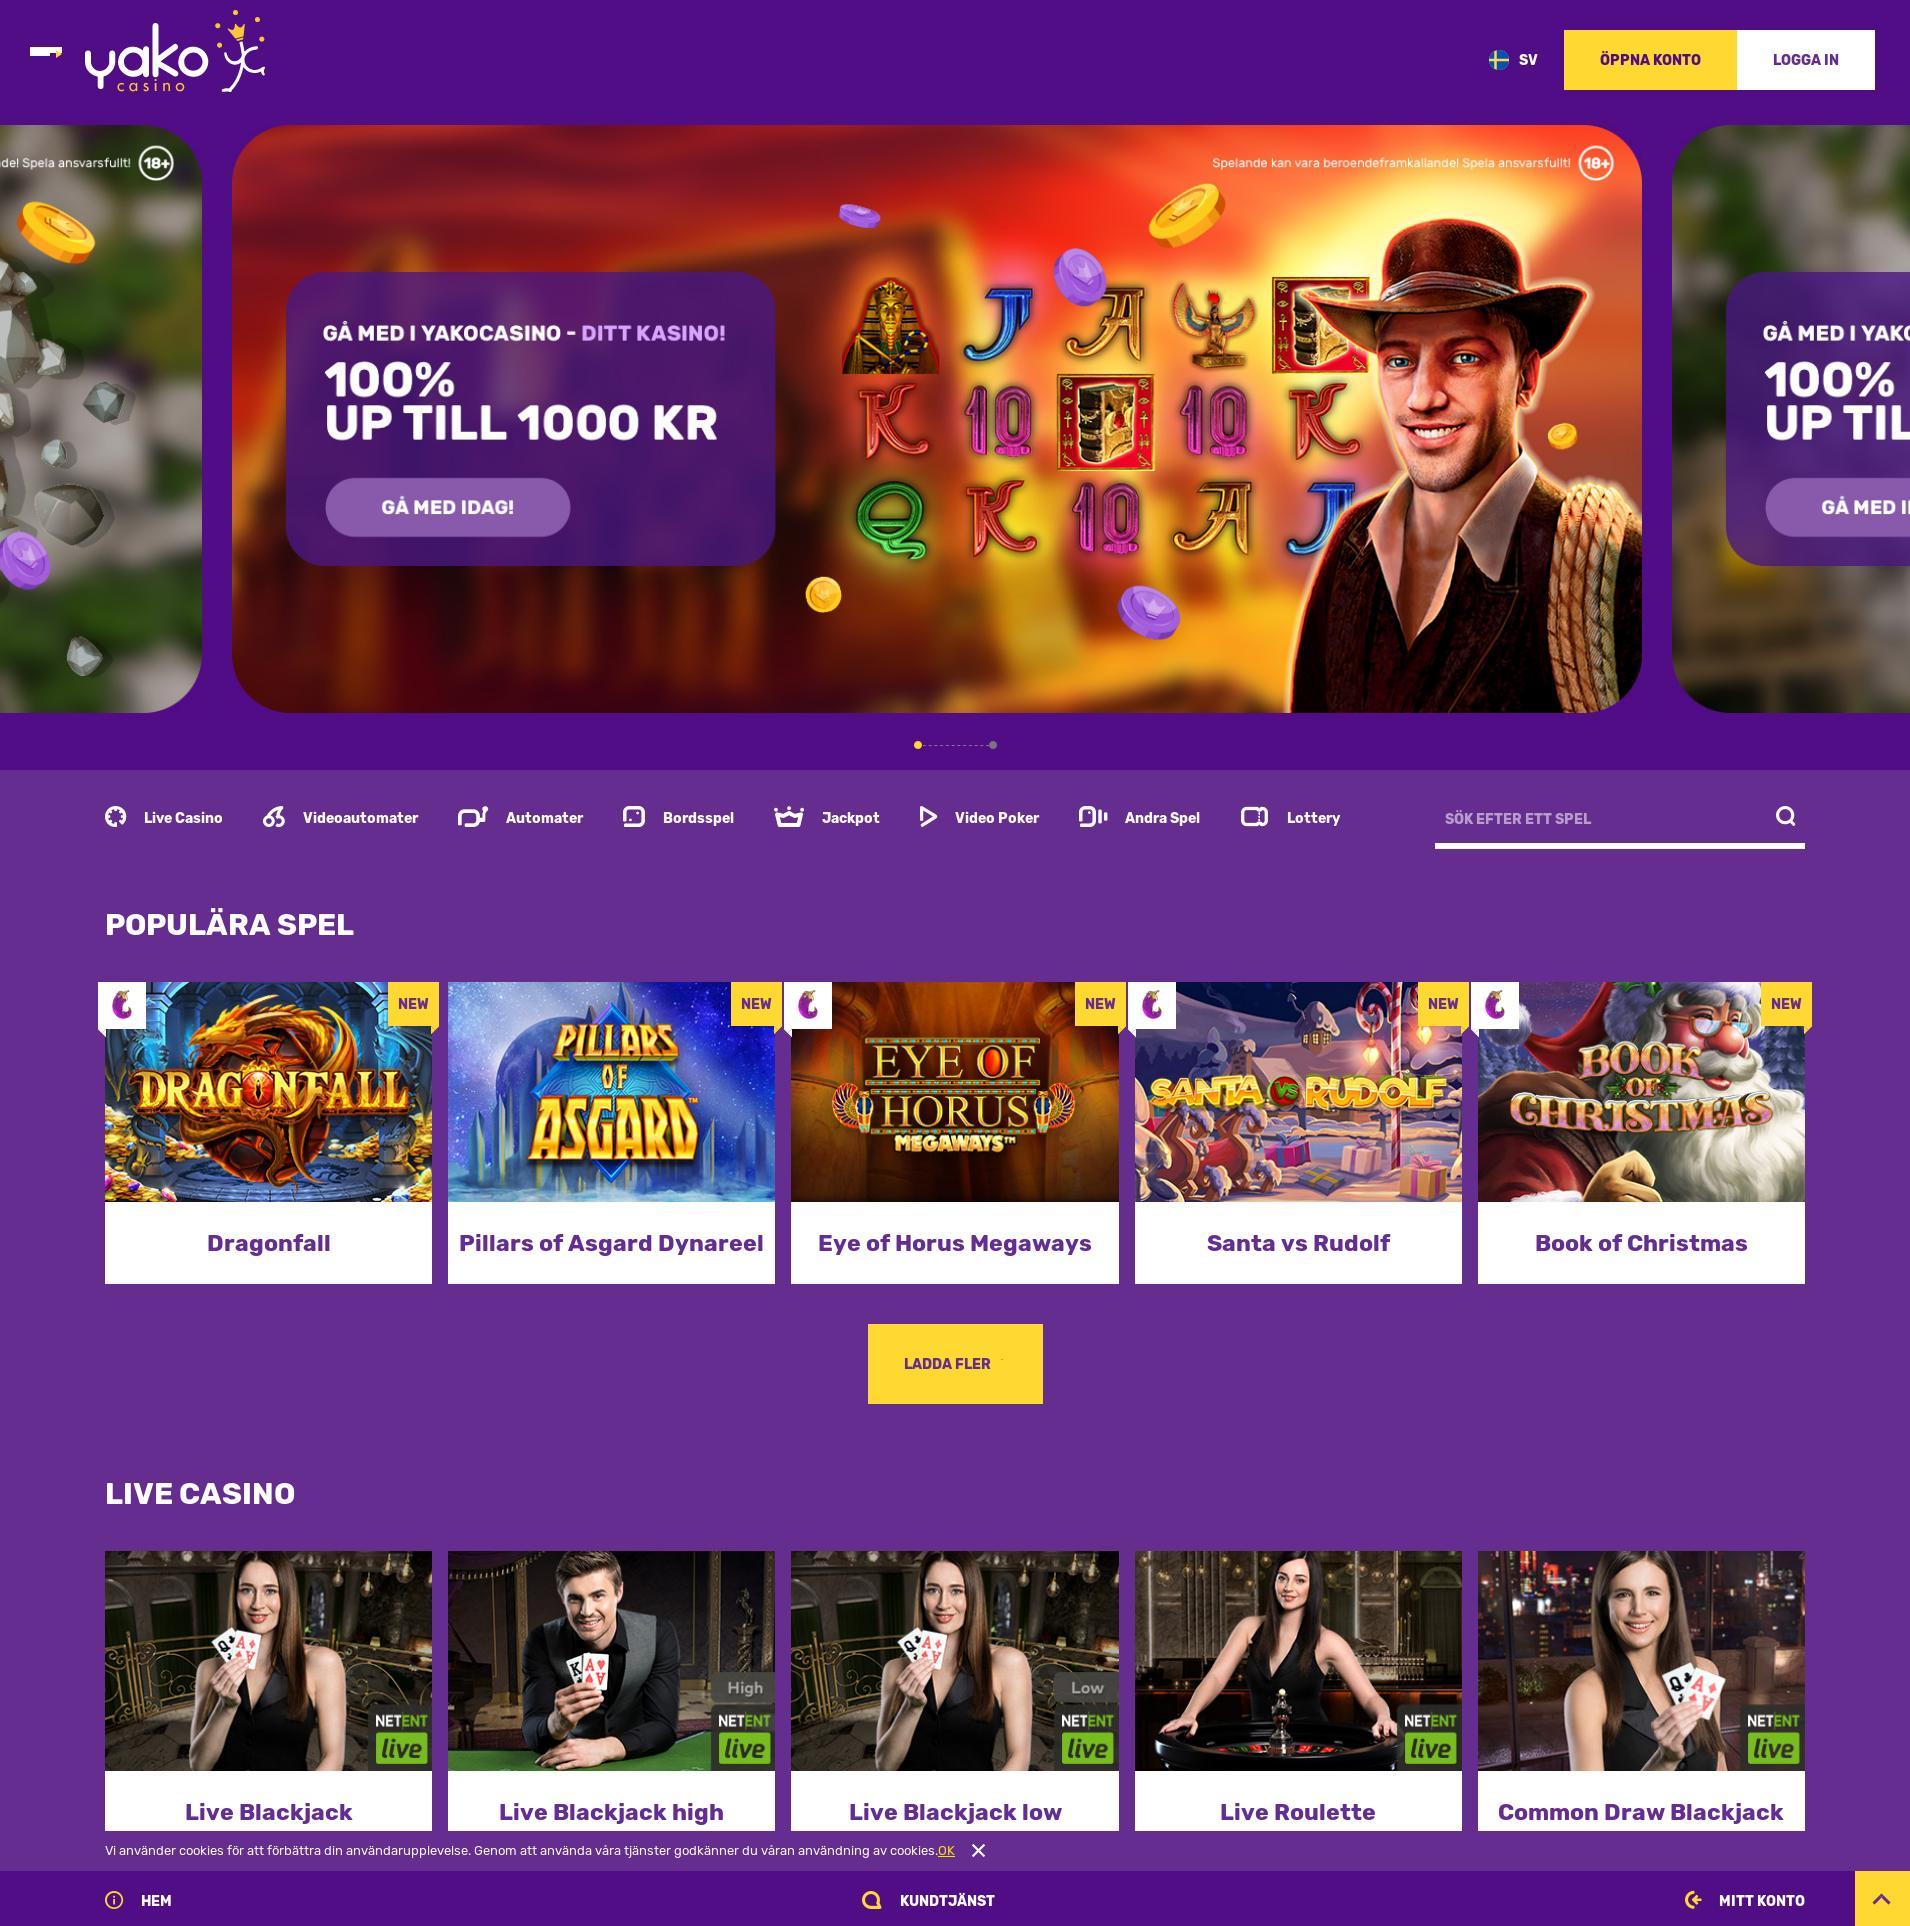 Casino screen Lobby 2019-12-14 for Sweden